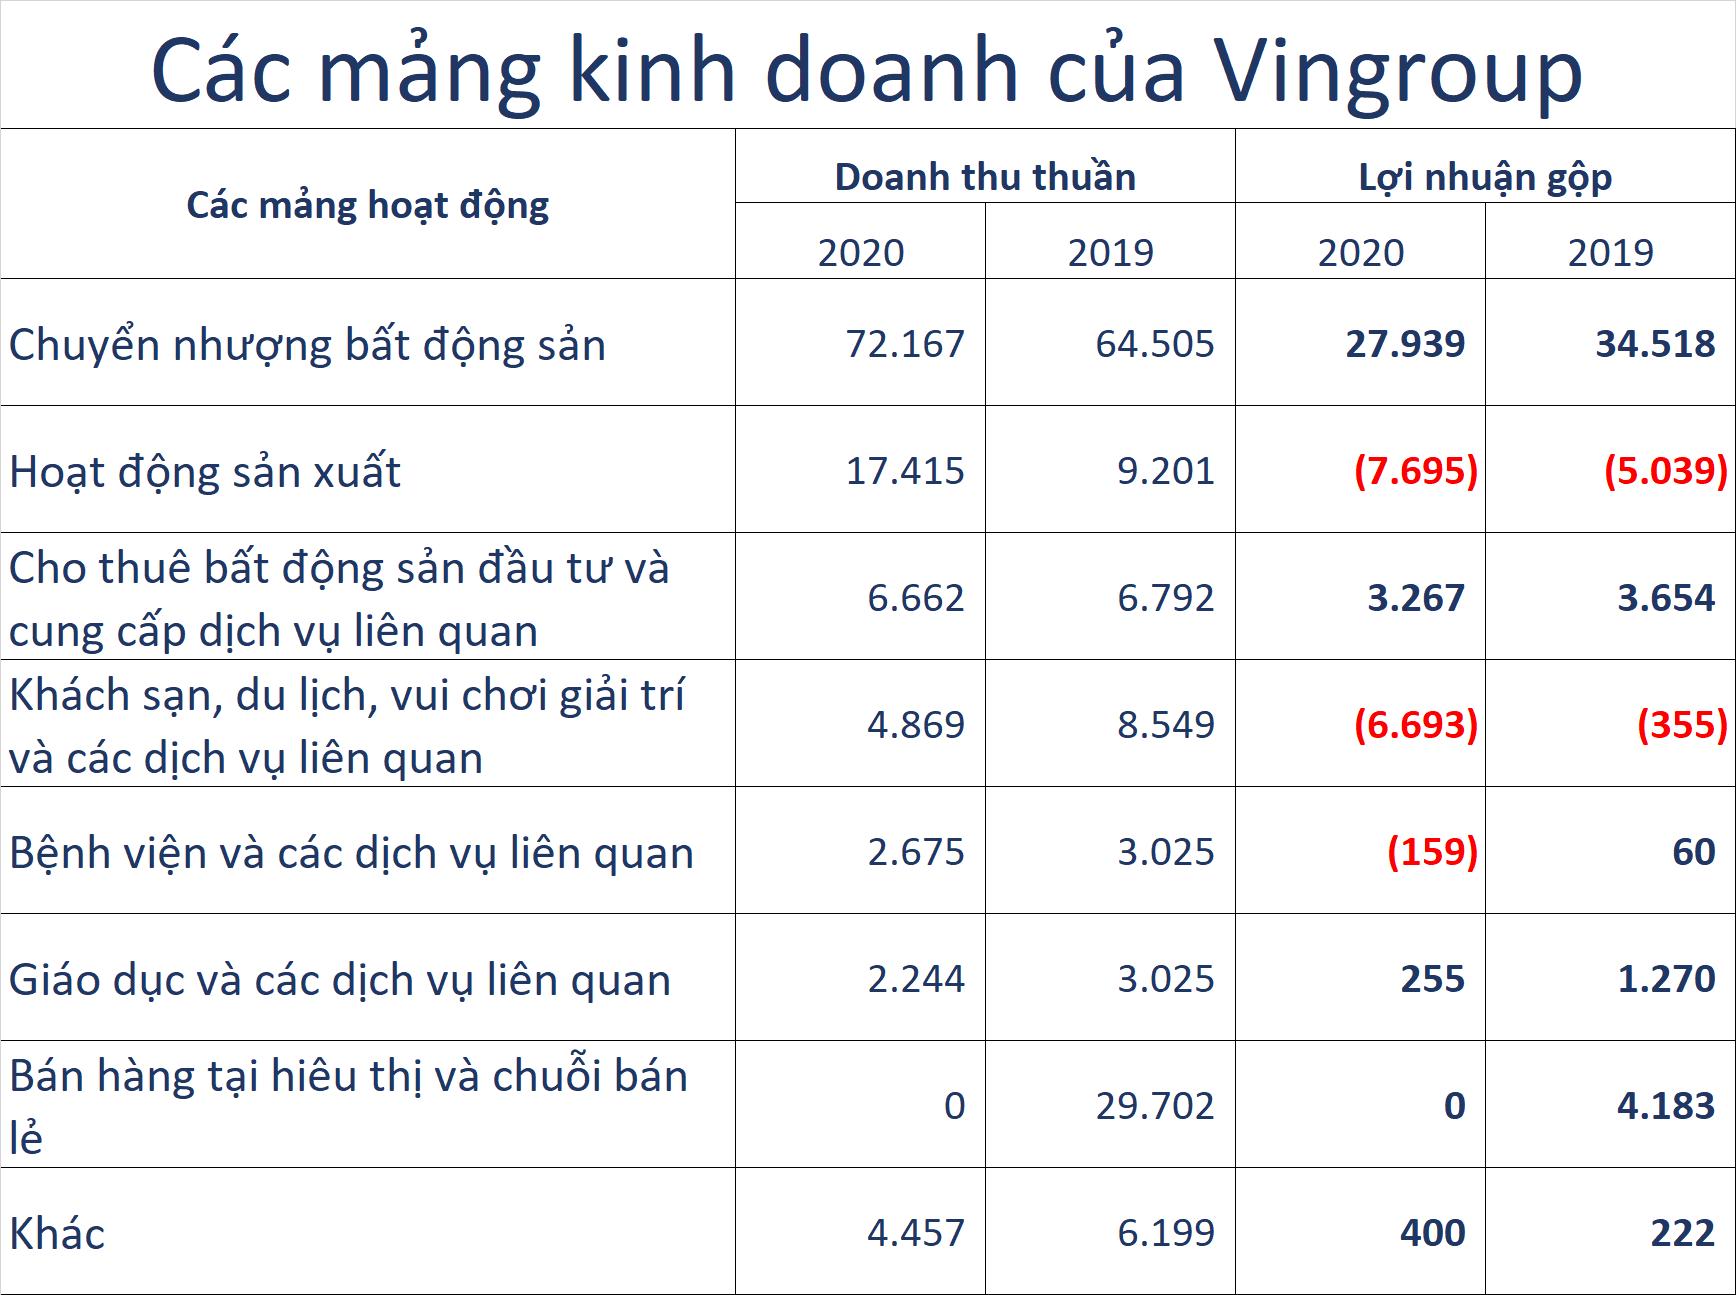 Trước thềm IPO tại Mỹ, VinFast ở đâu trong cơ cấu doanh thu gần 5 tỷ USD của Vingroup - Ảnh 1.